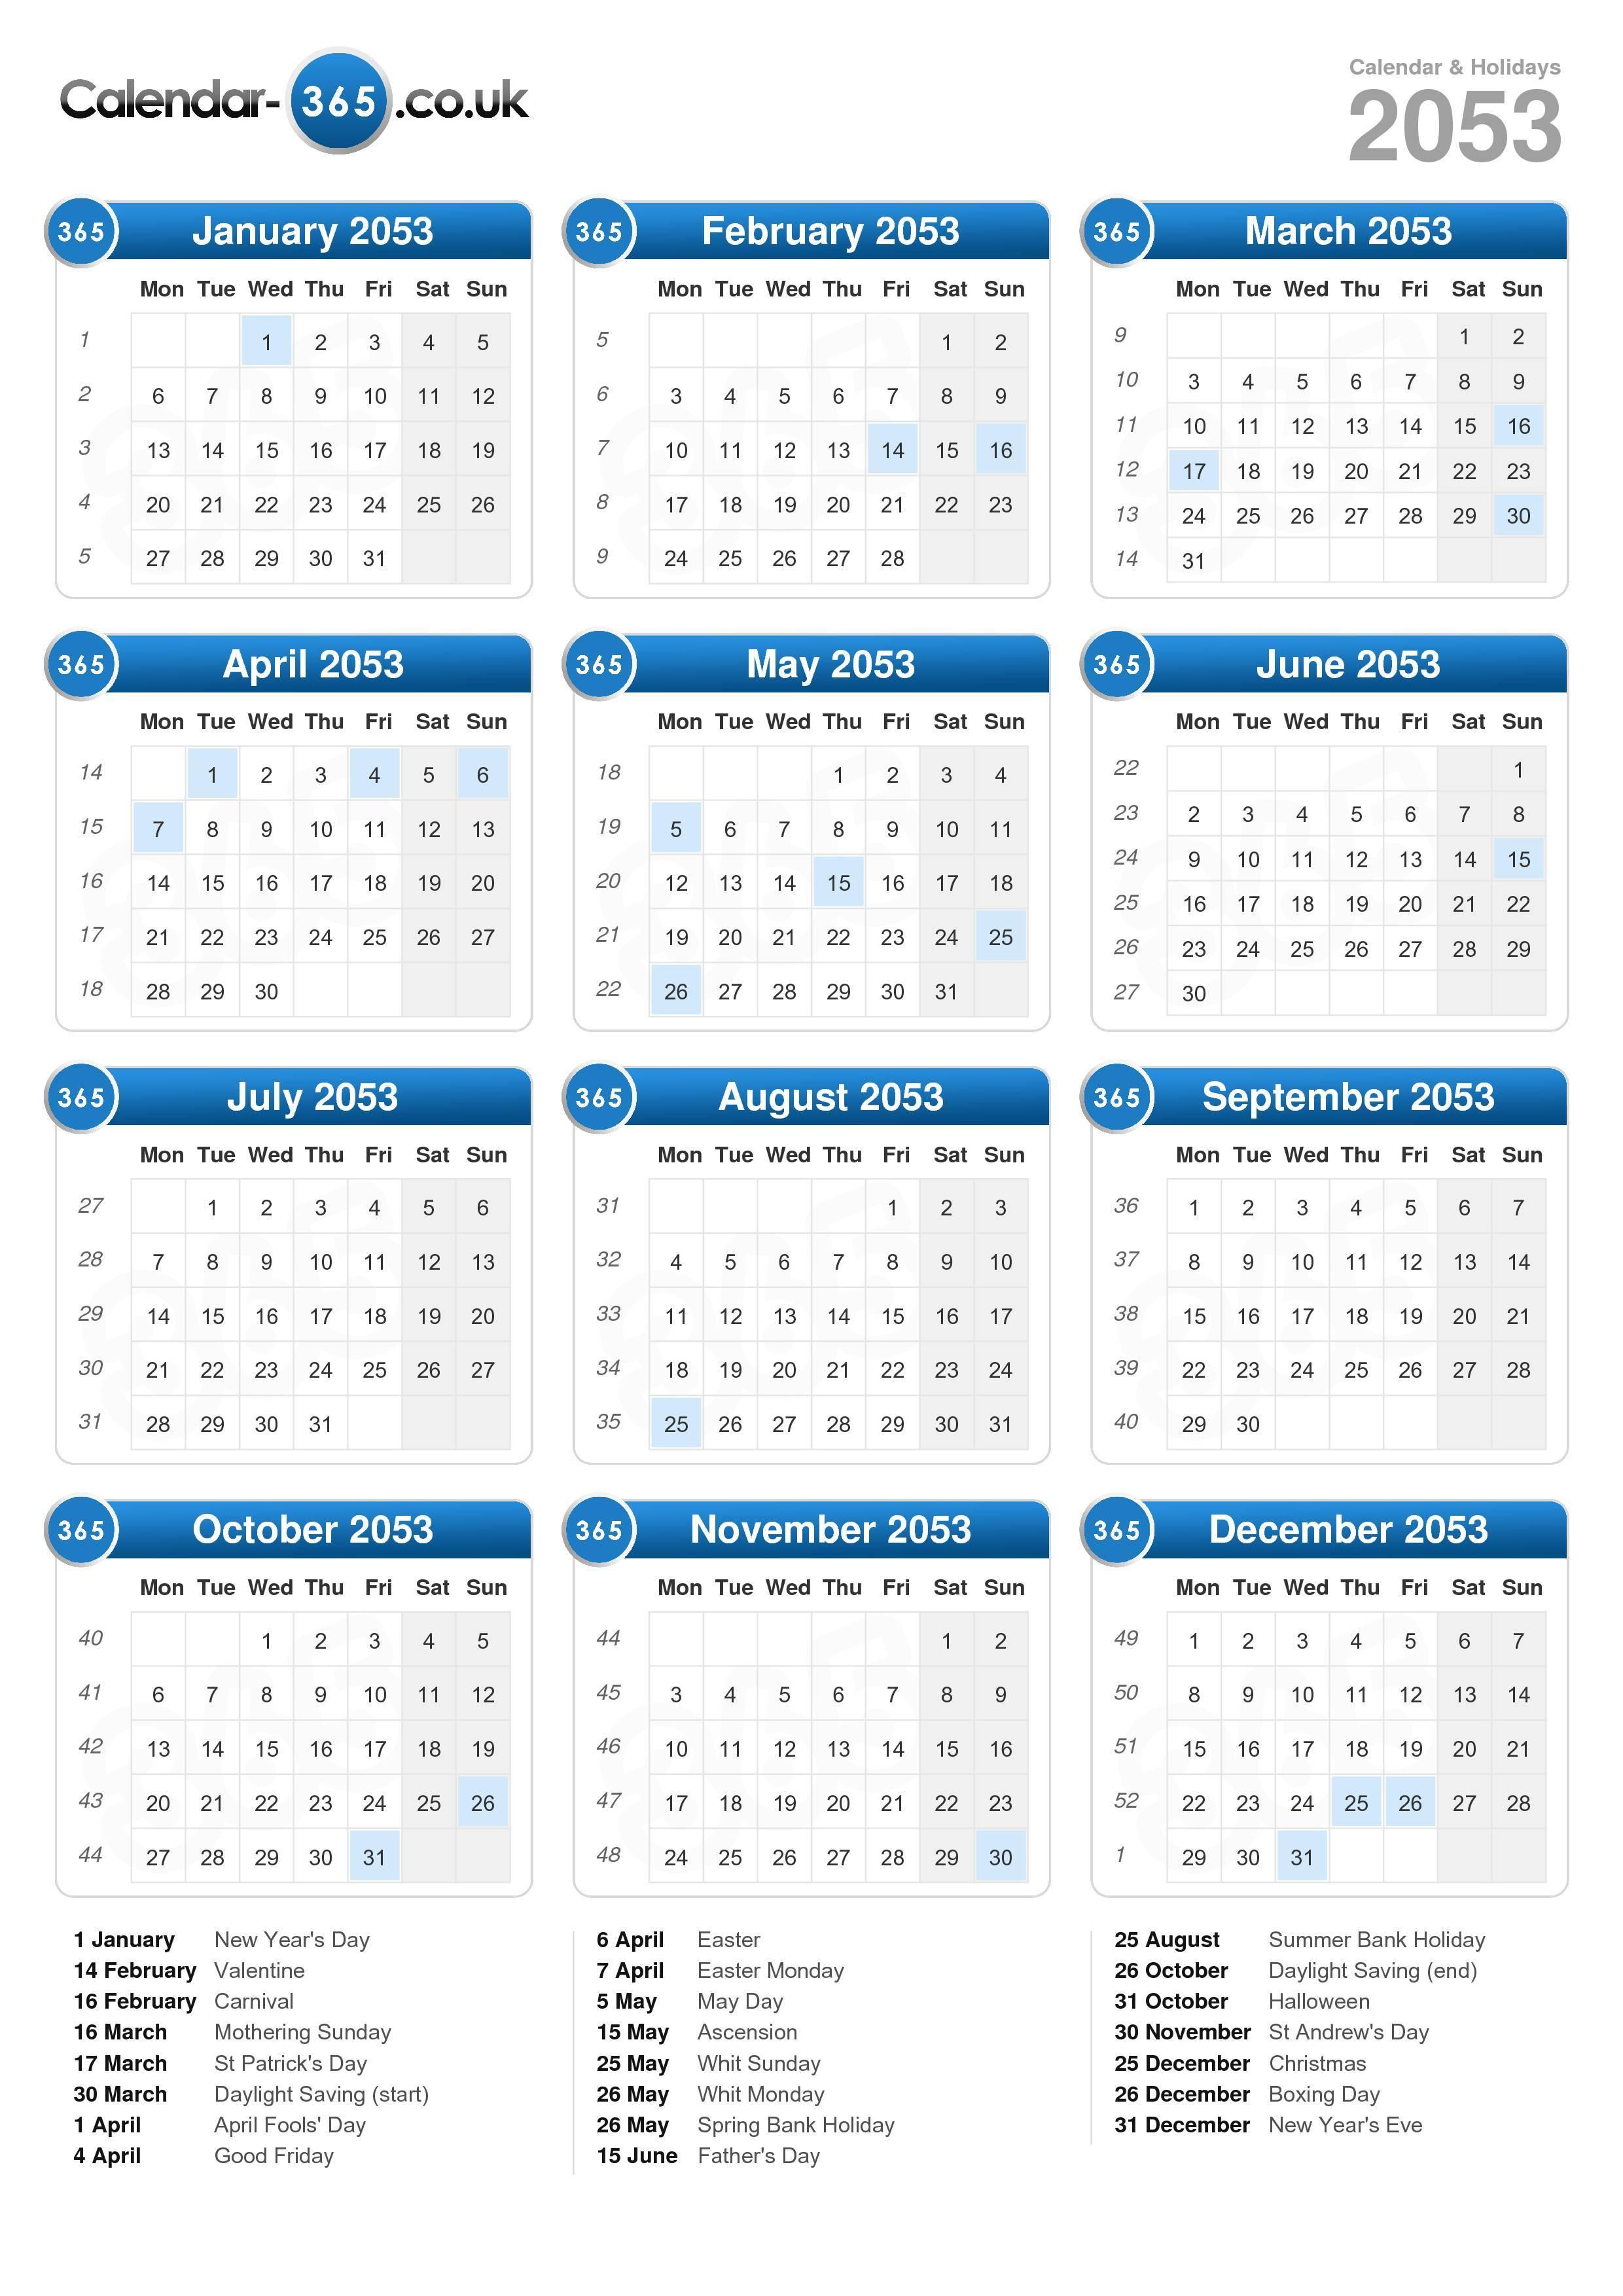 Calendar 2053 (portrait format)